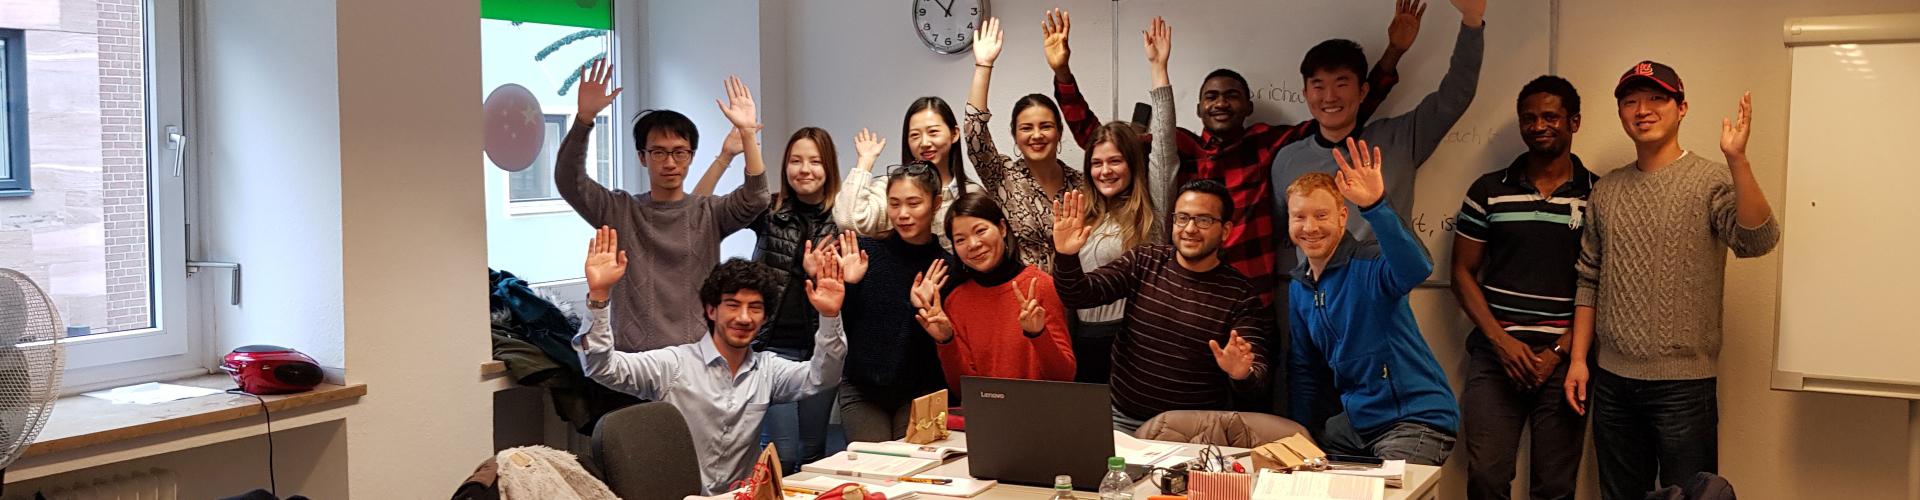 Sprachschule Aktiv Köln – Deutsch und Fremdsprachen lernen